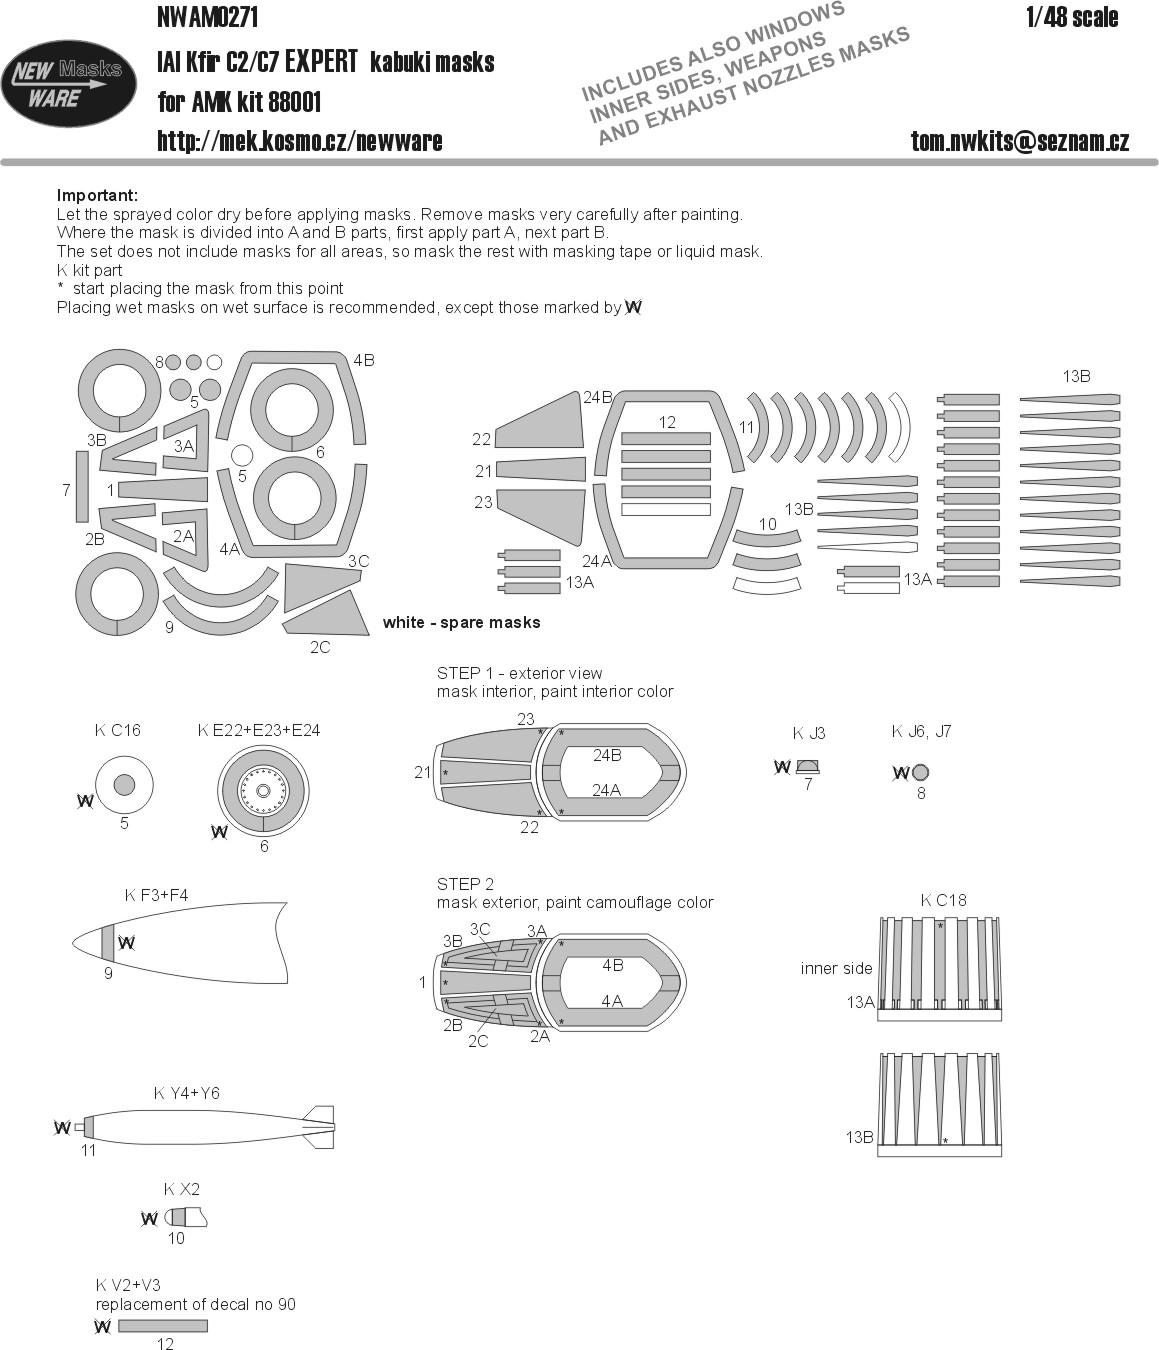 NWAM0271